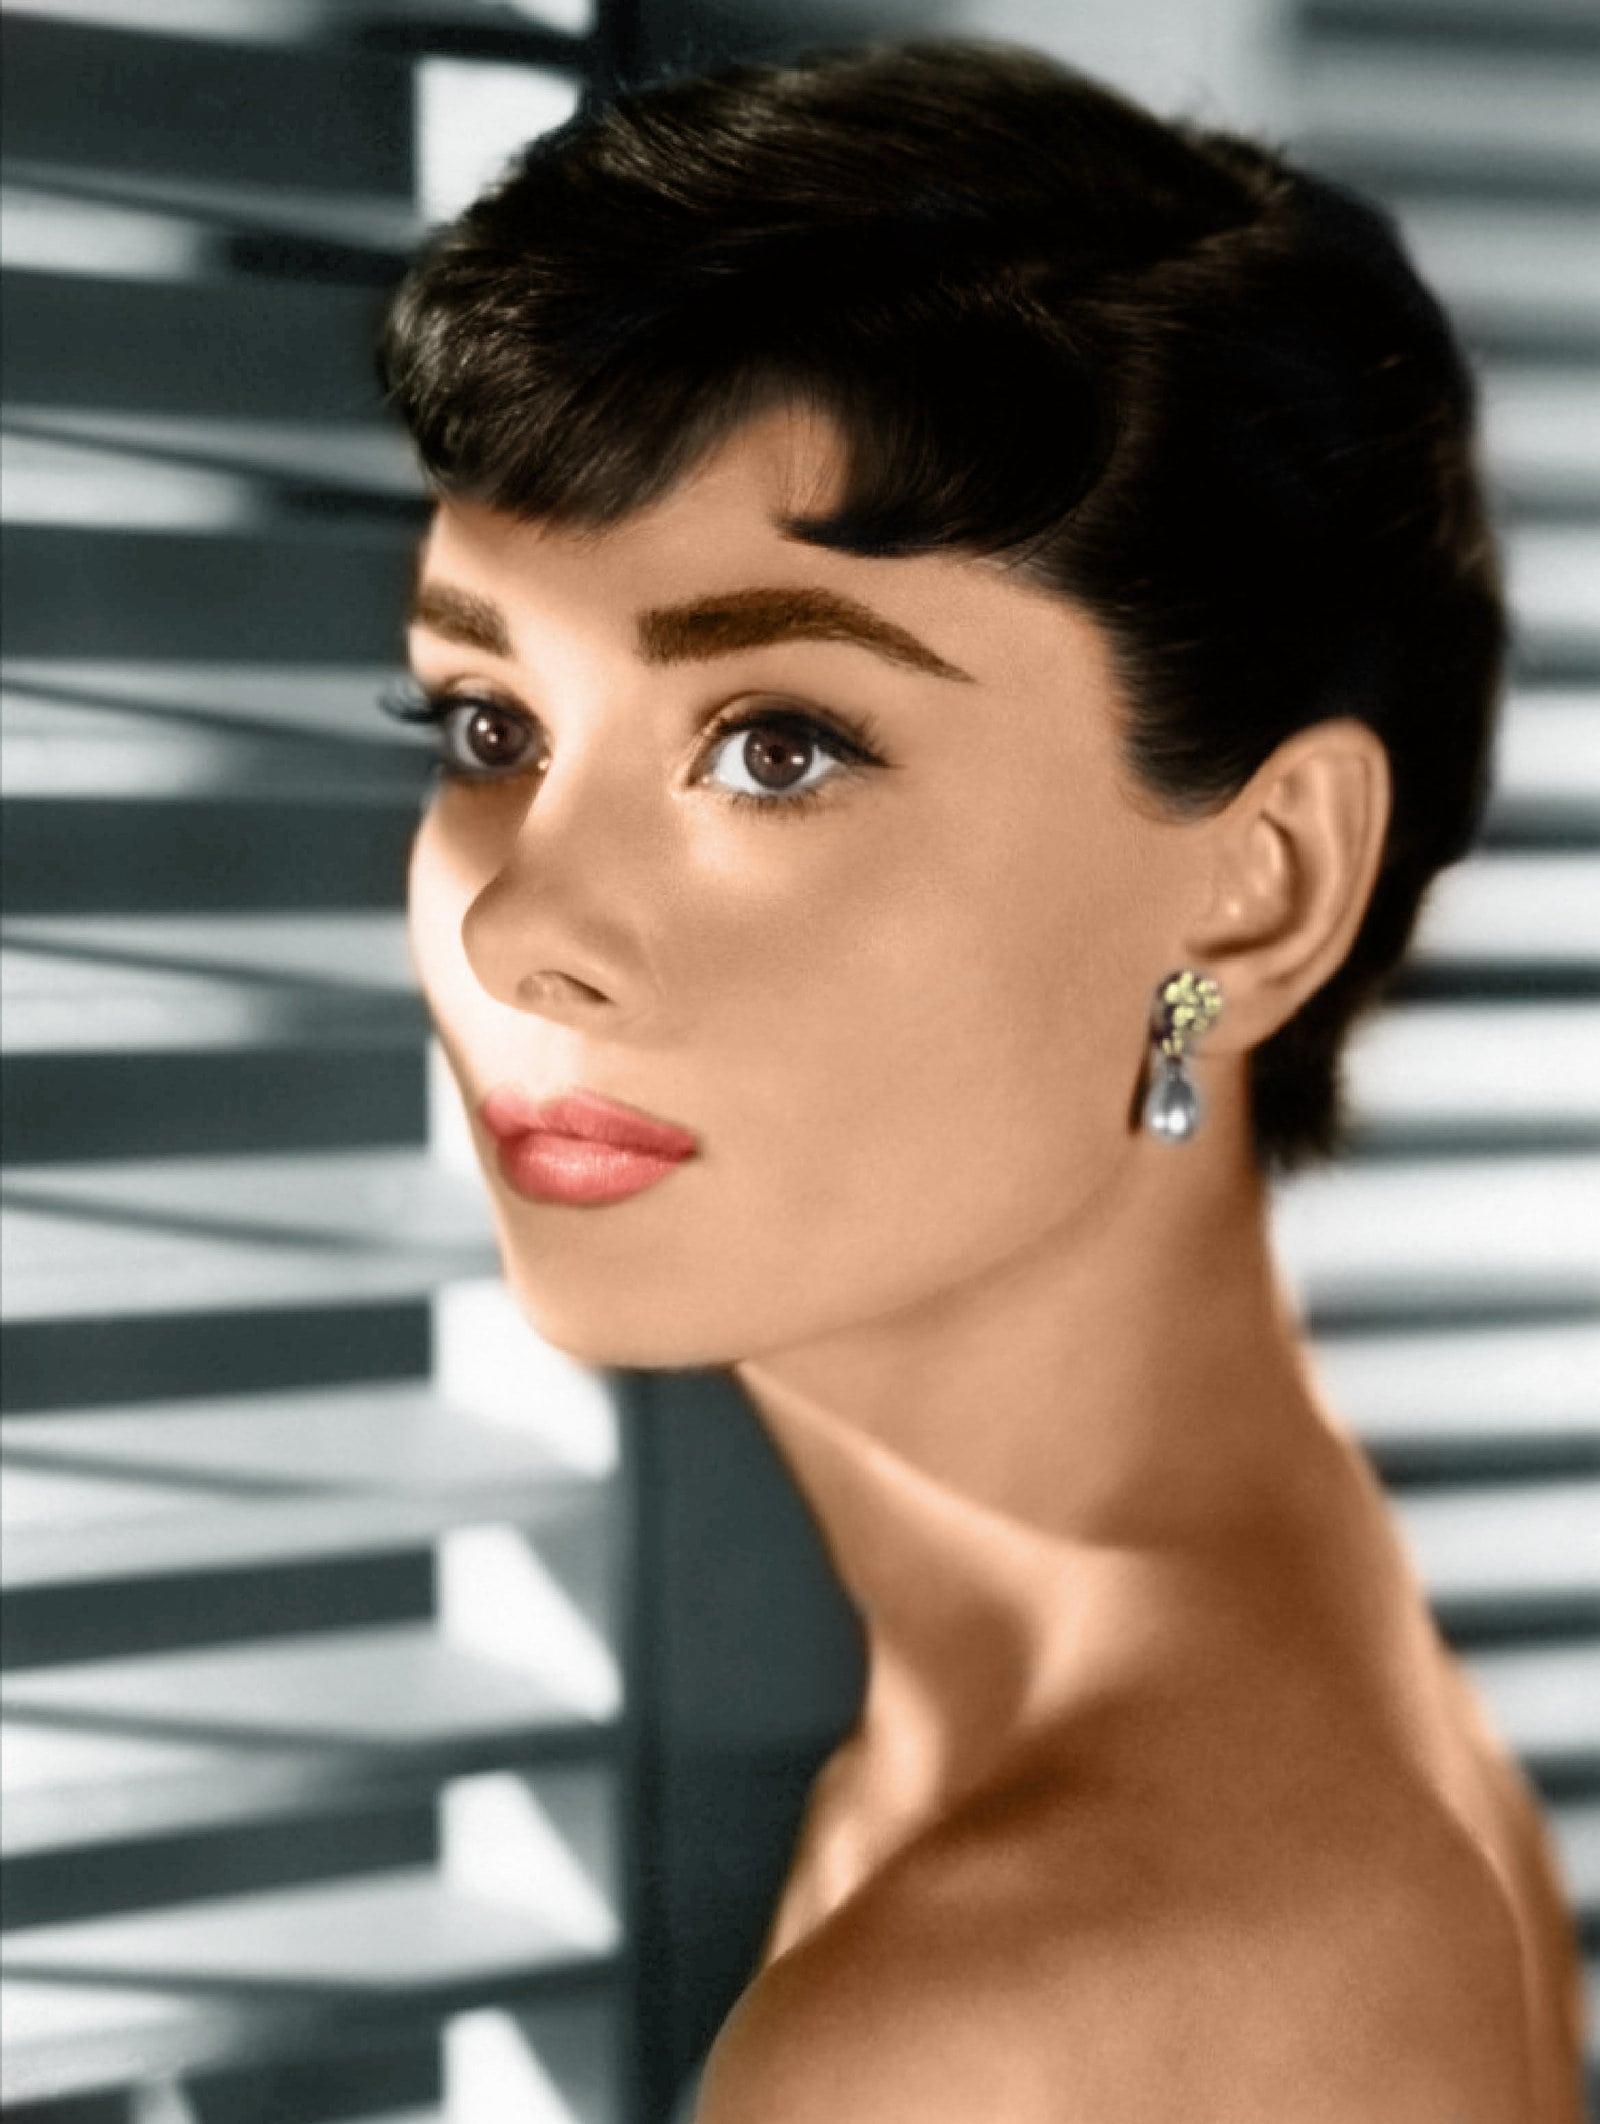 Audrey Hepburn HD pictures